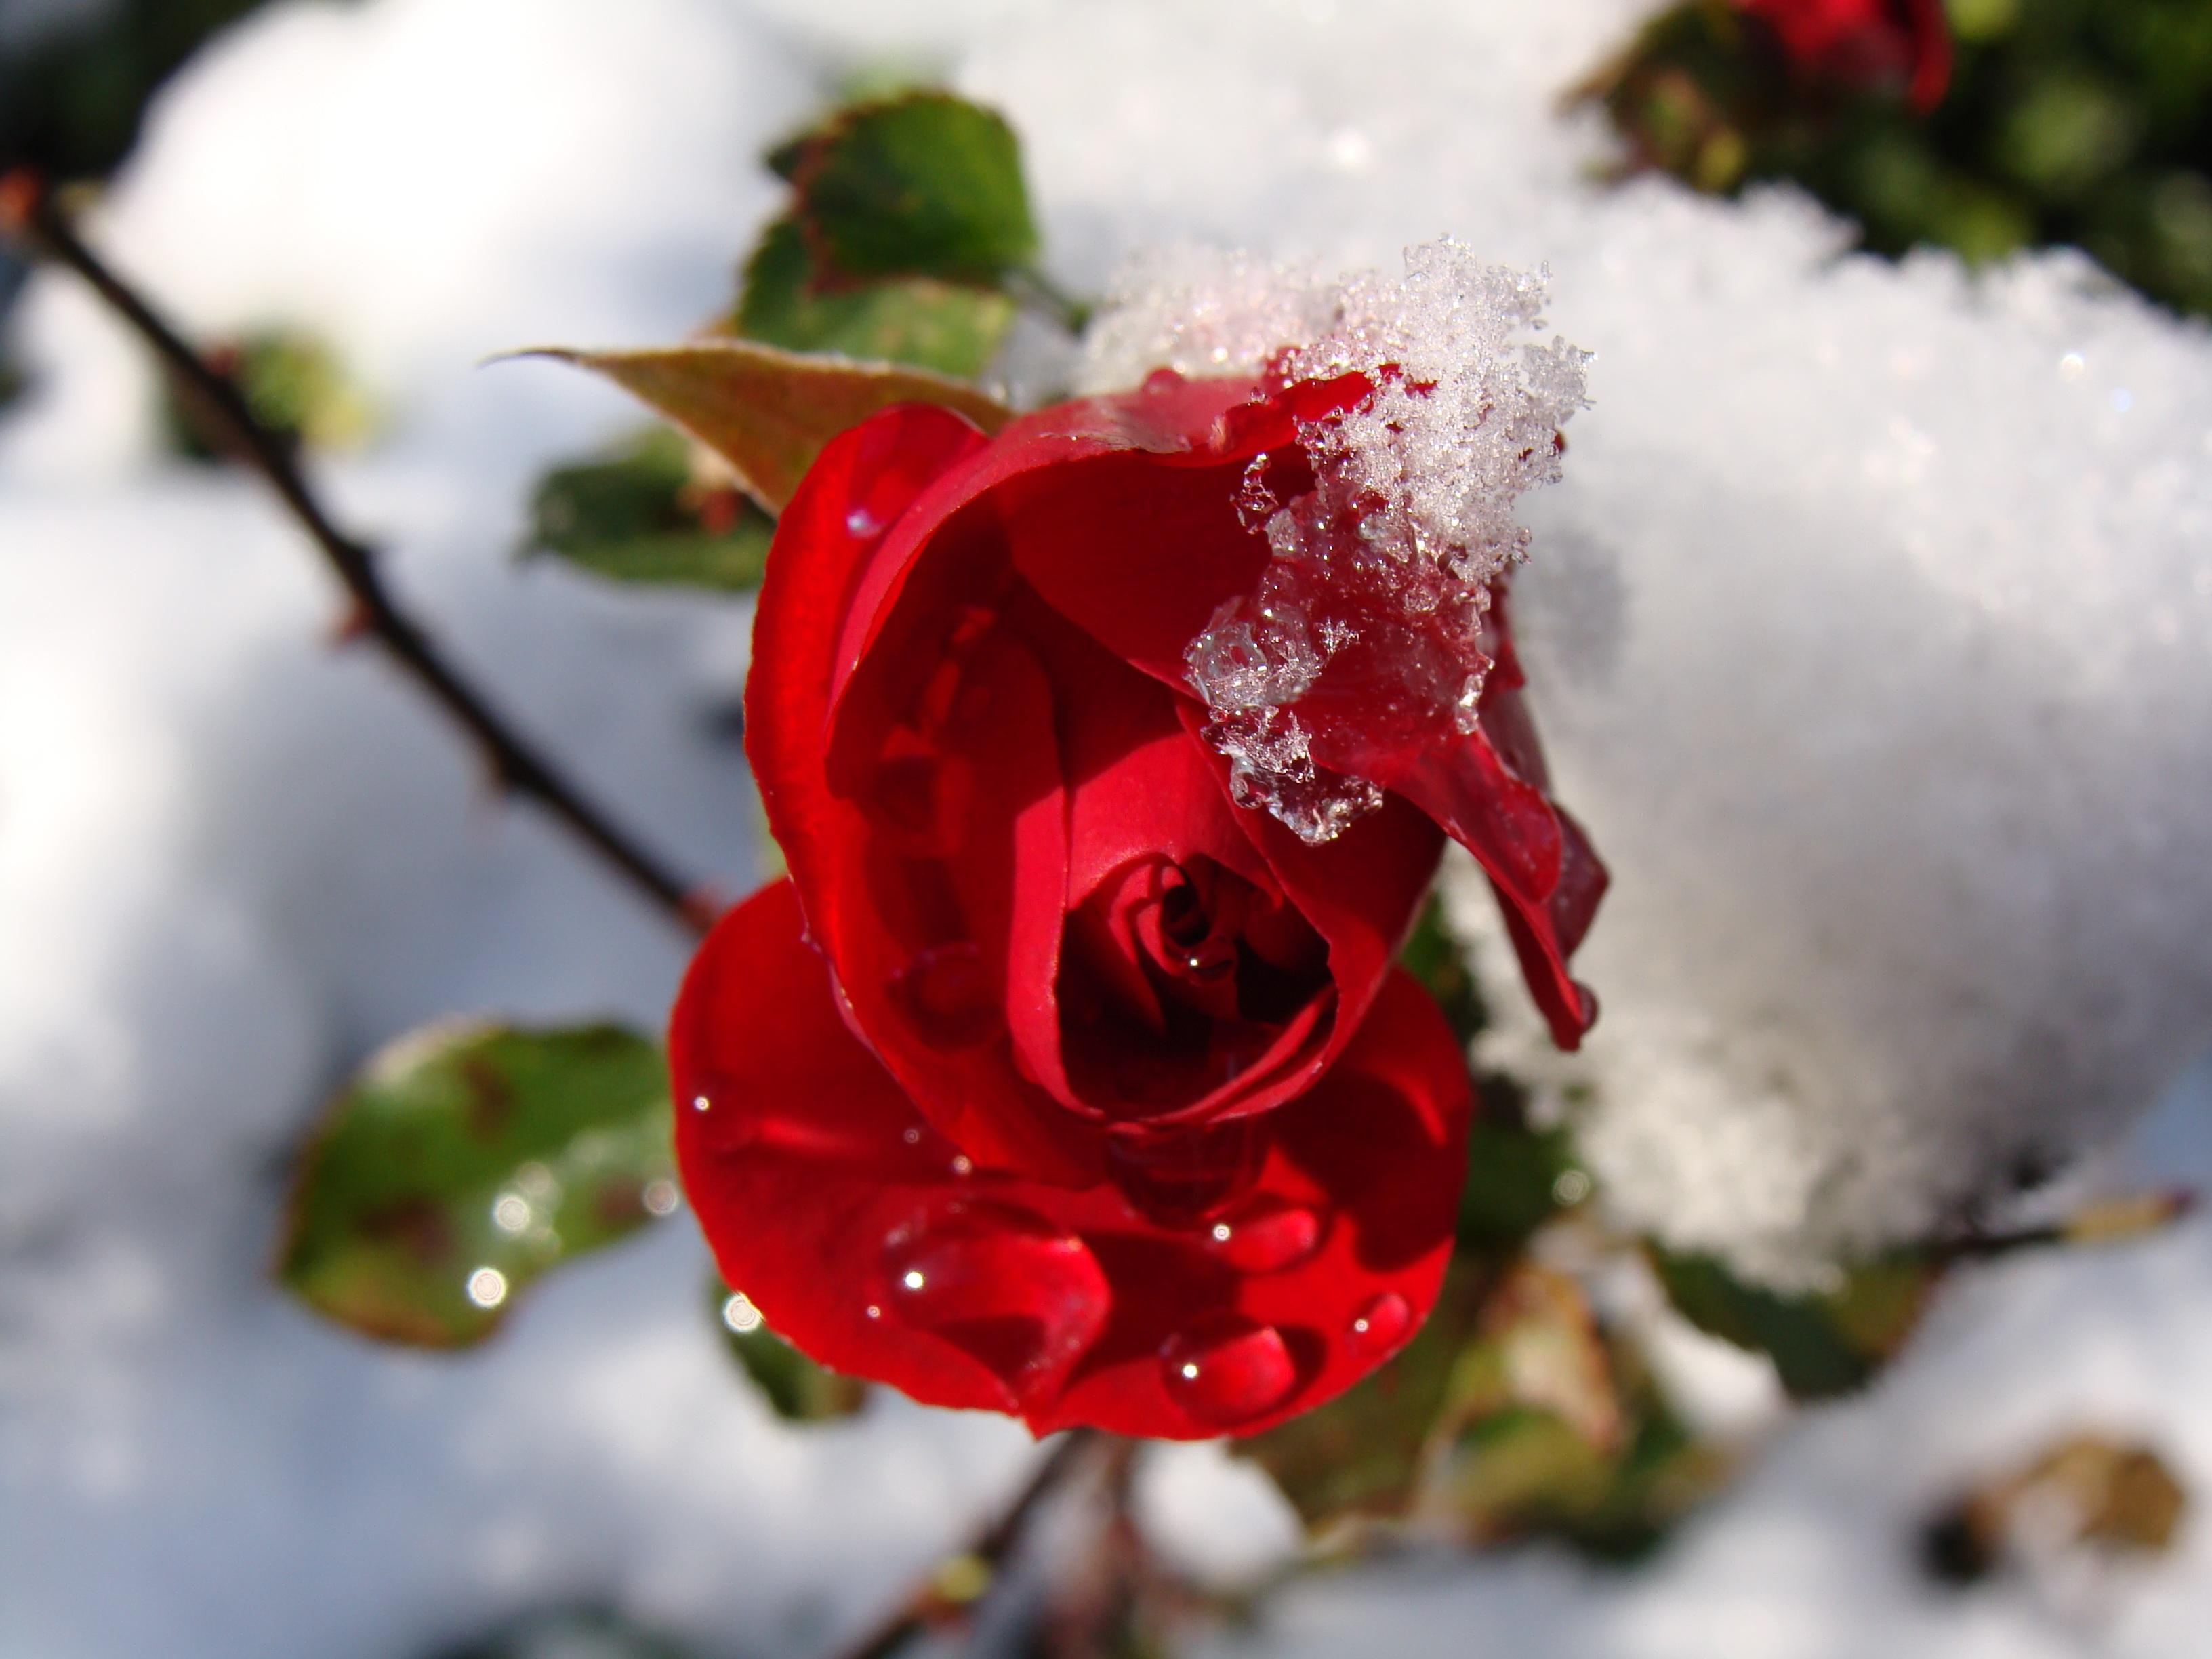 последнее снег и цветы фото отзывам